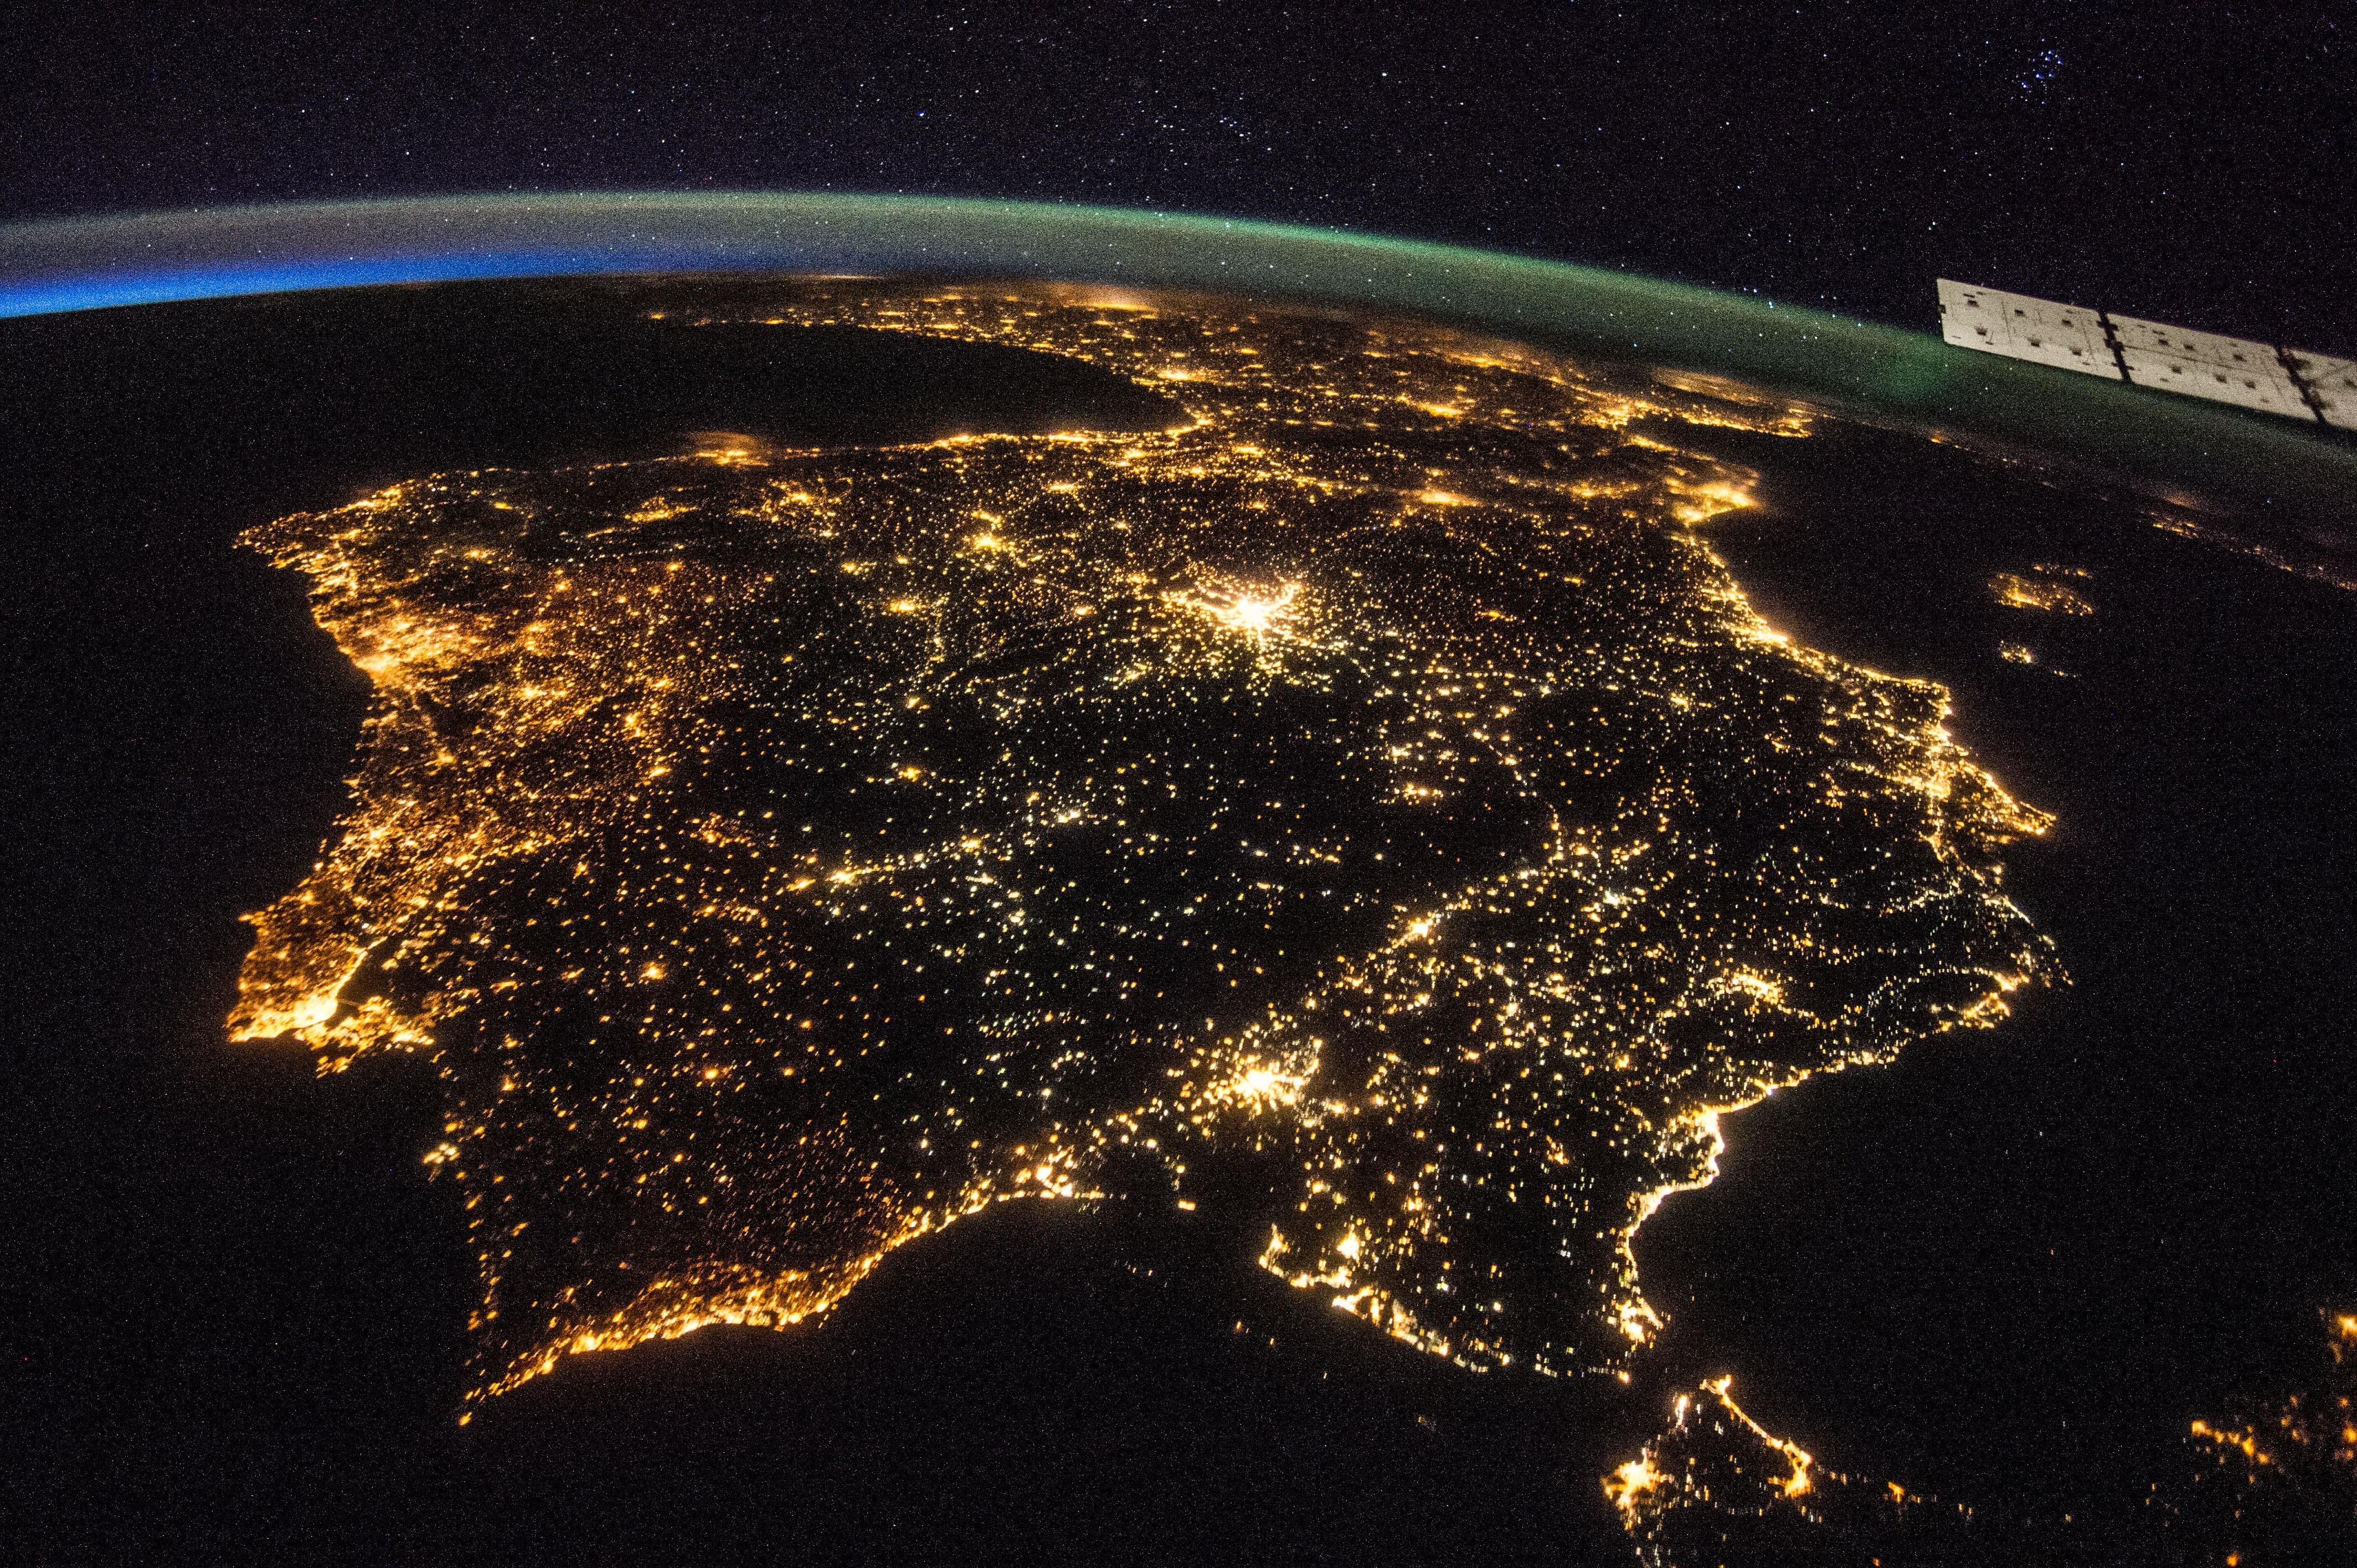 2015_Busquemos luciérnagas_Península Ibérica de noche_Foto tomada desde la Estación Espacial Internacional a 400 km_NASA_26 07 2014